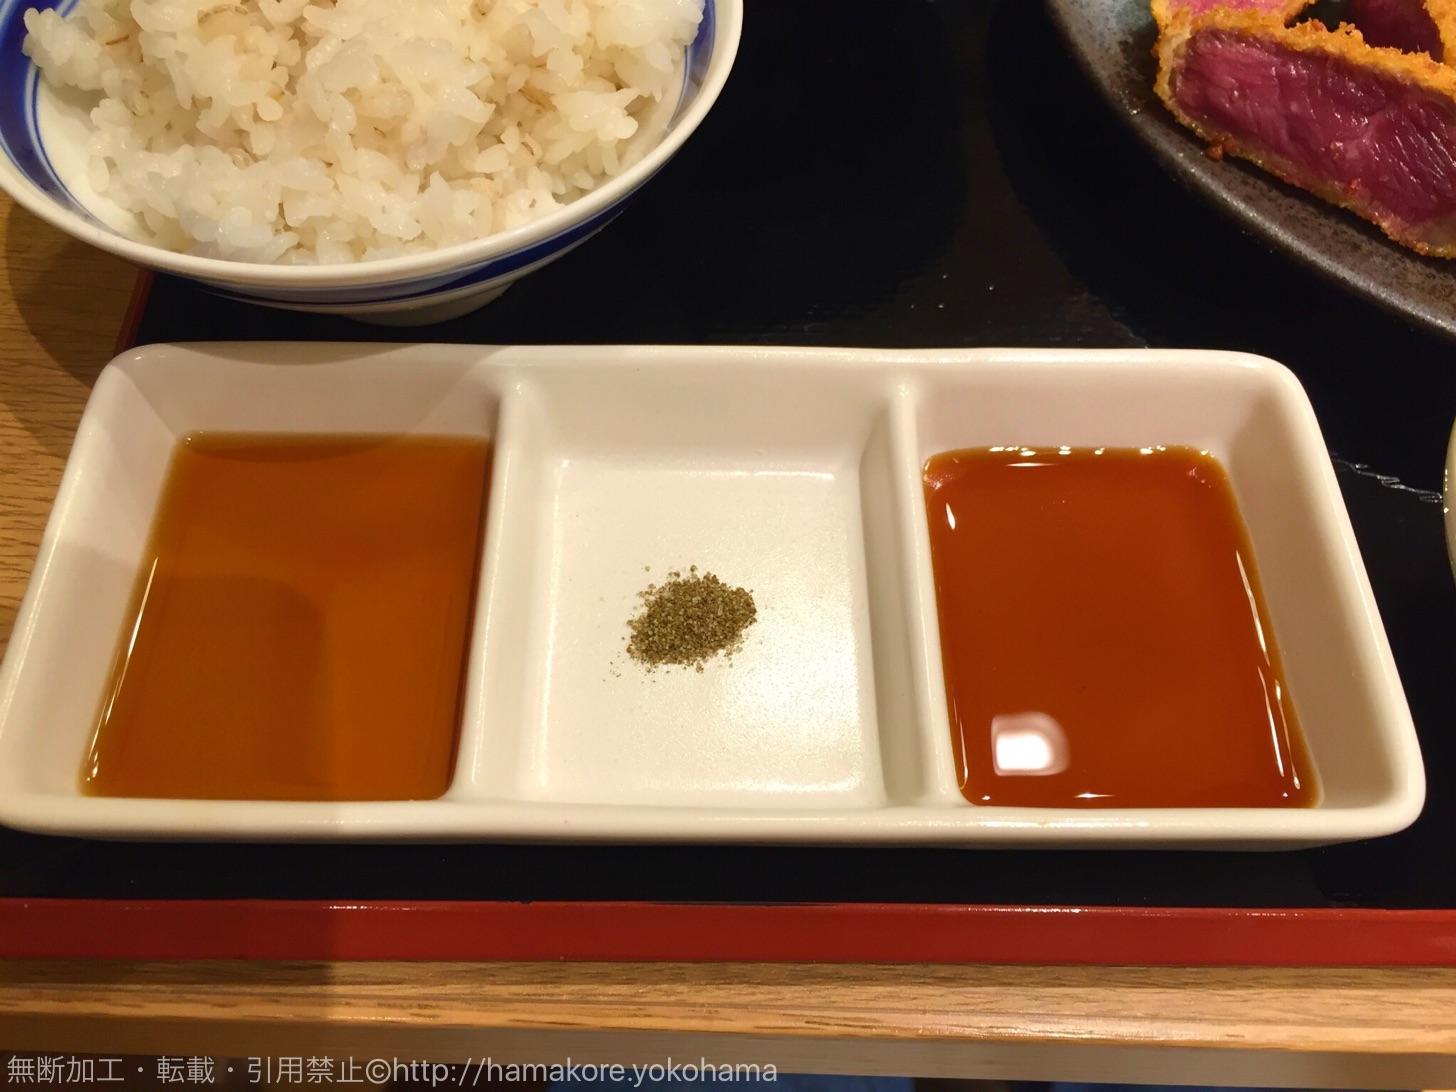 だし醤油・山椒塩・タレ